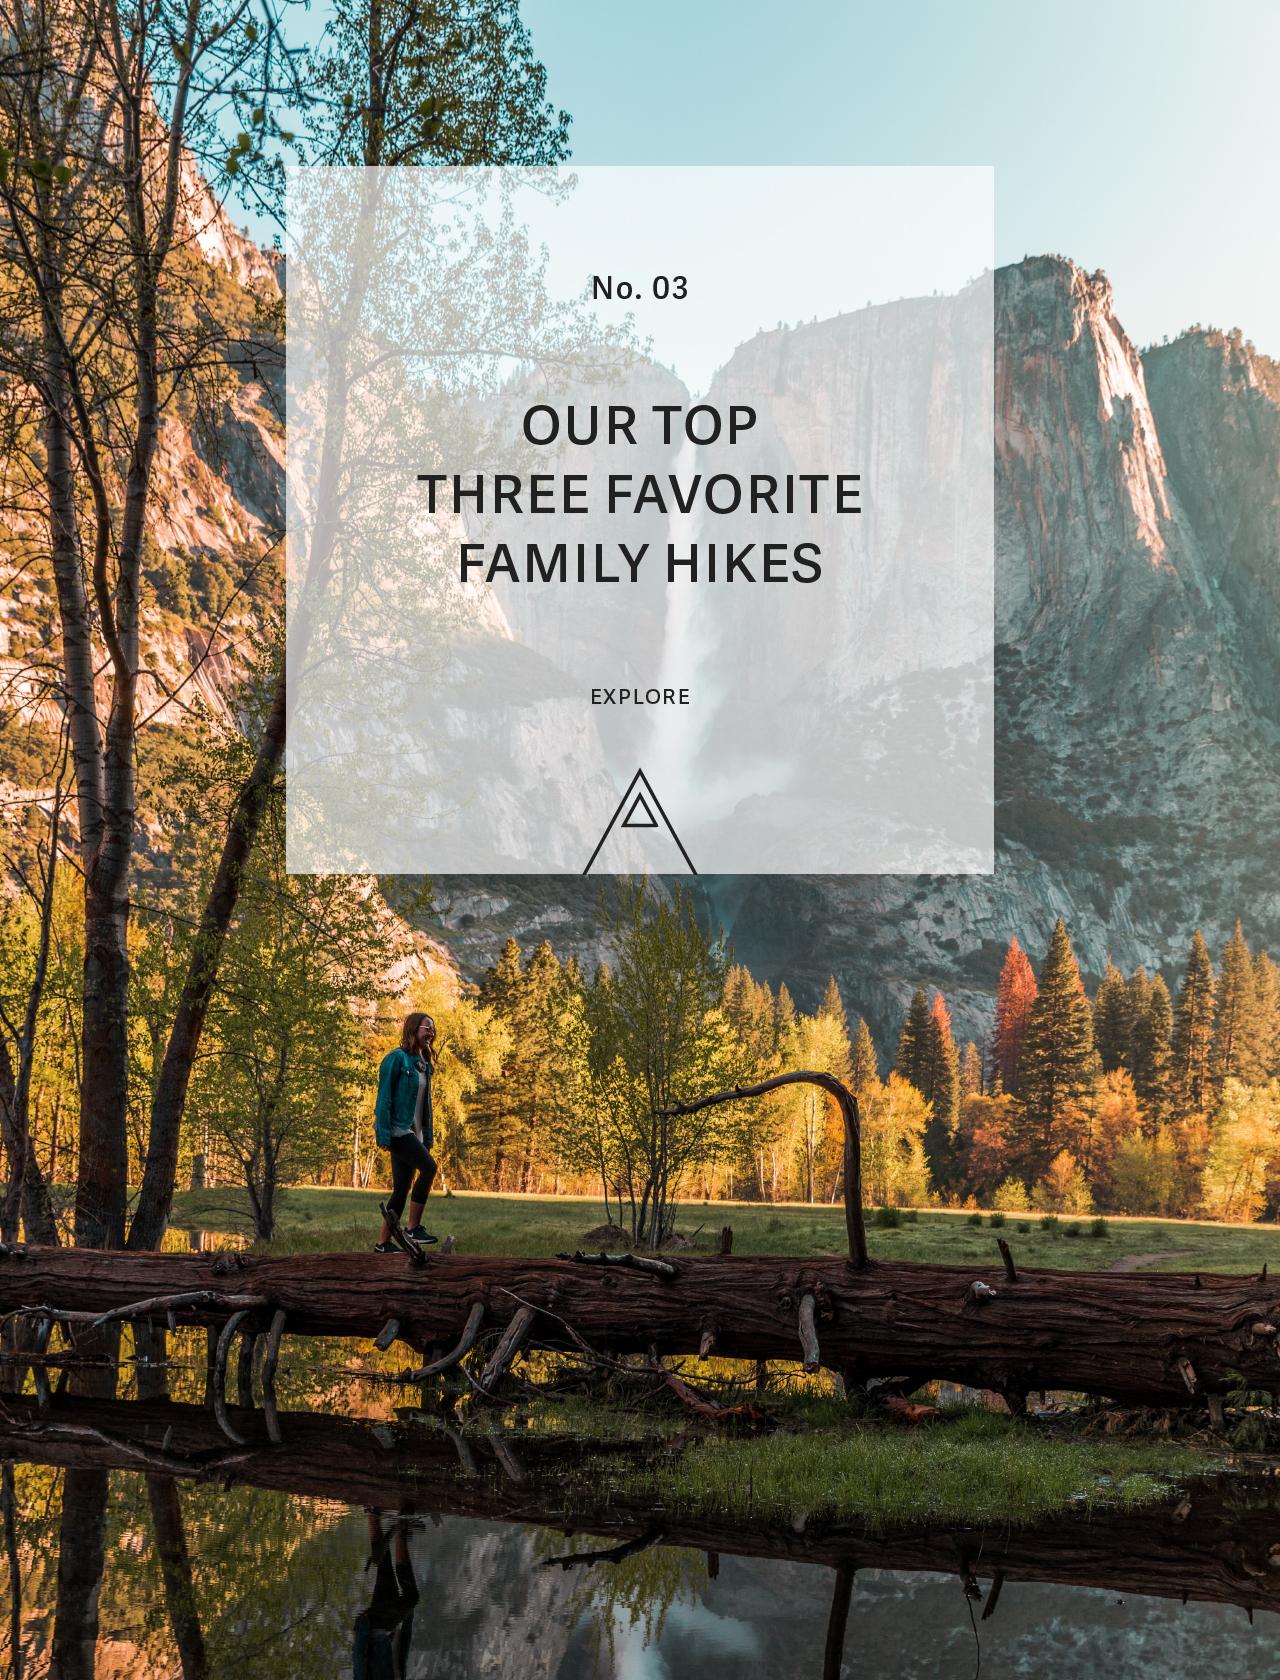 Family-Hikes.jpg